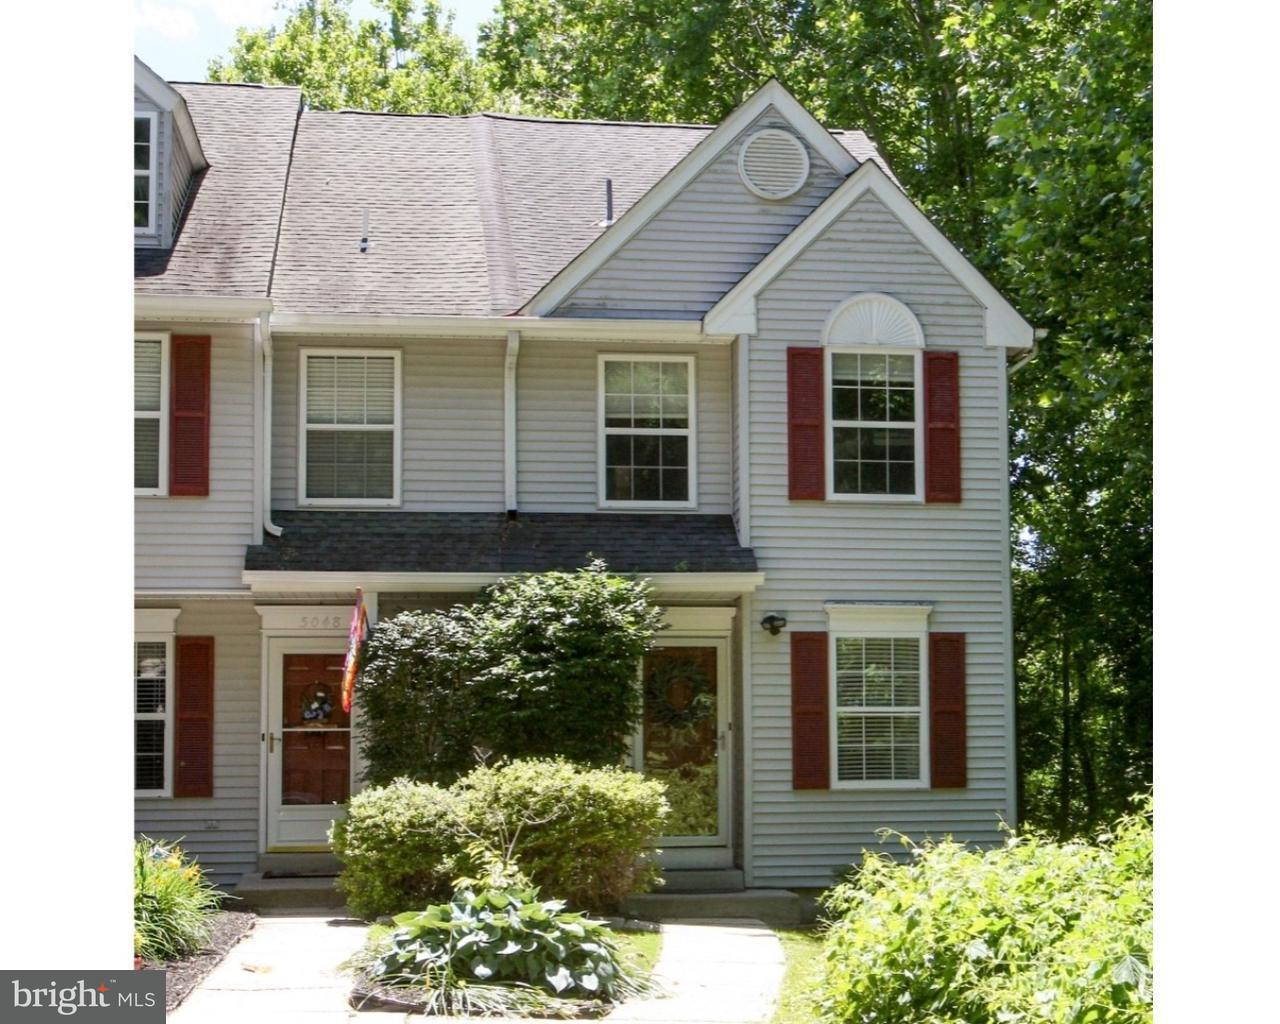 Частный односемейный дом для того Продажа на 5050 N TUPELO TURN Wilmington, Делавэр 19808 Соединенные Штаты